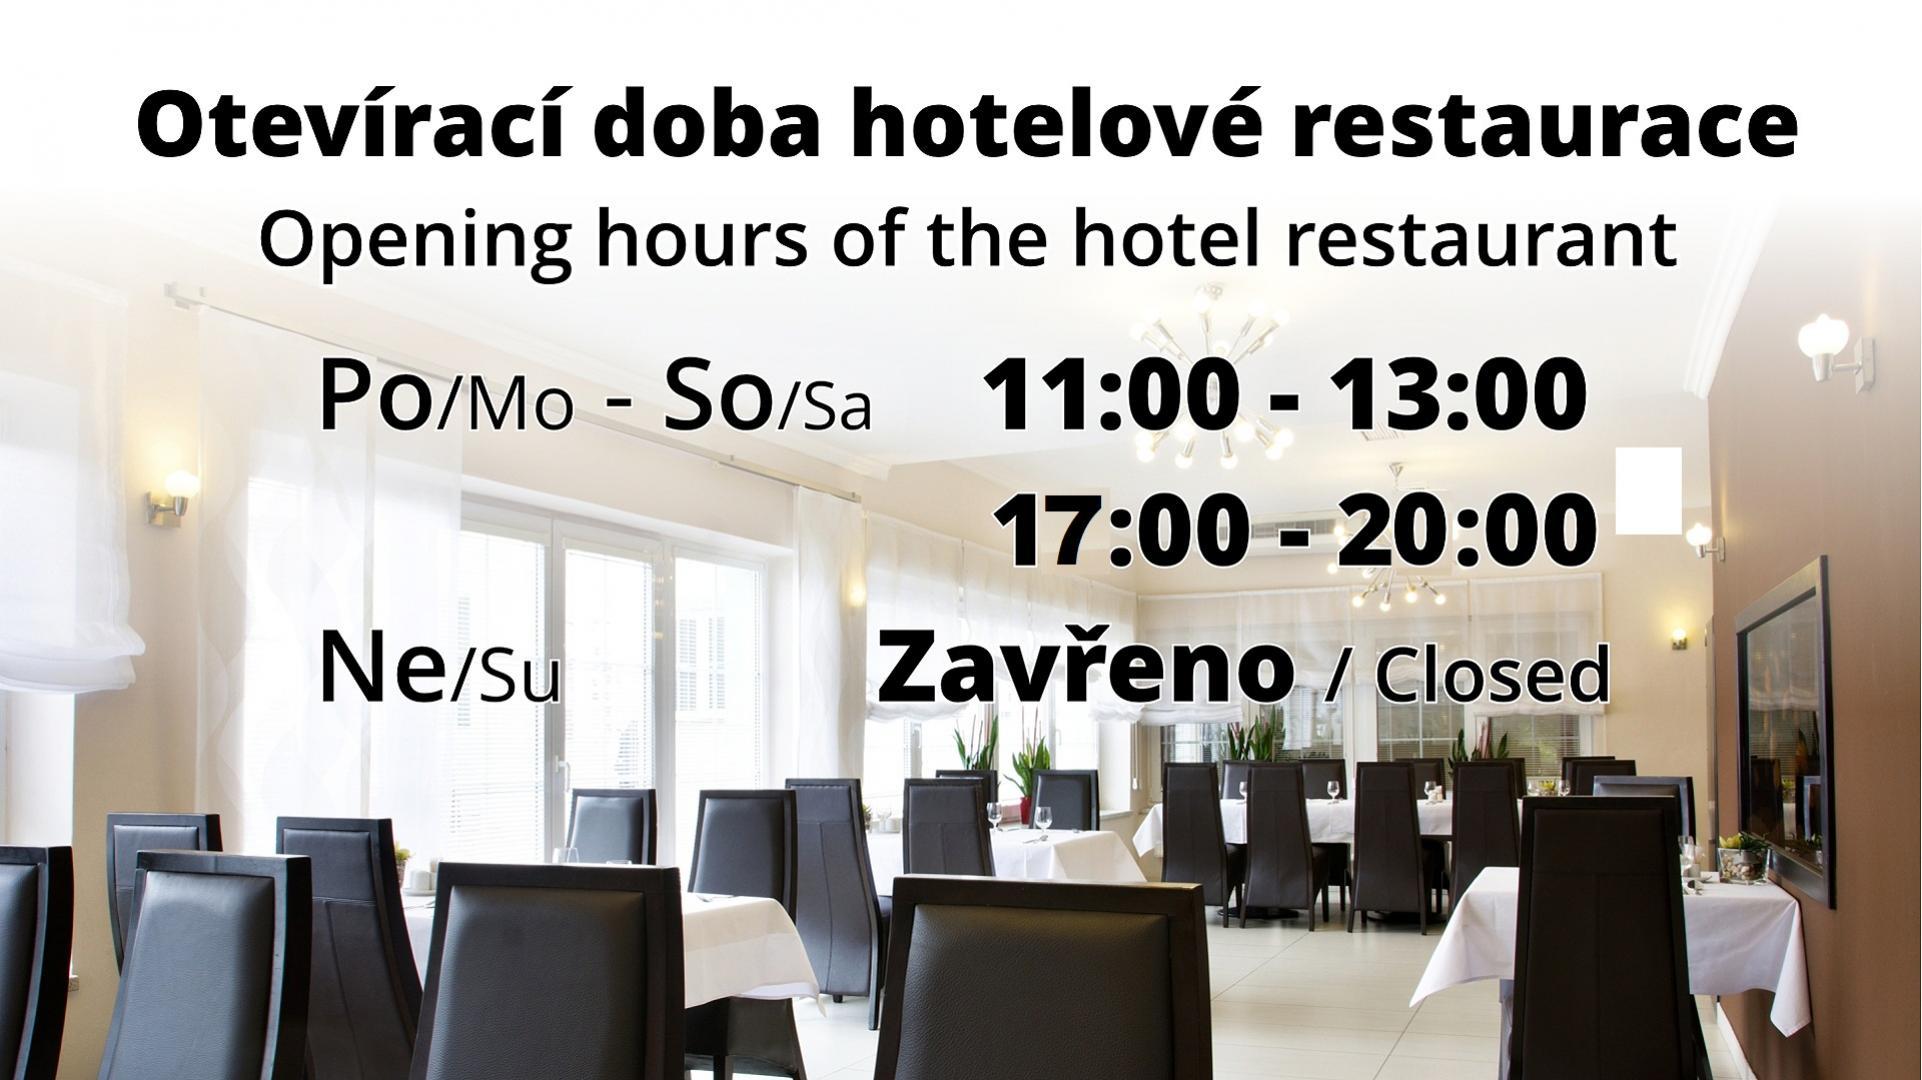 Oteviraci doba restaurace 2020.jpg